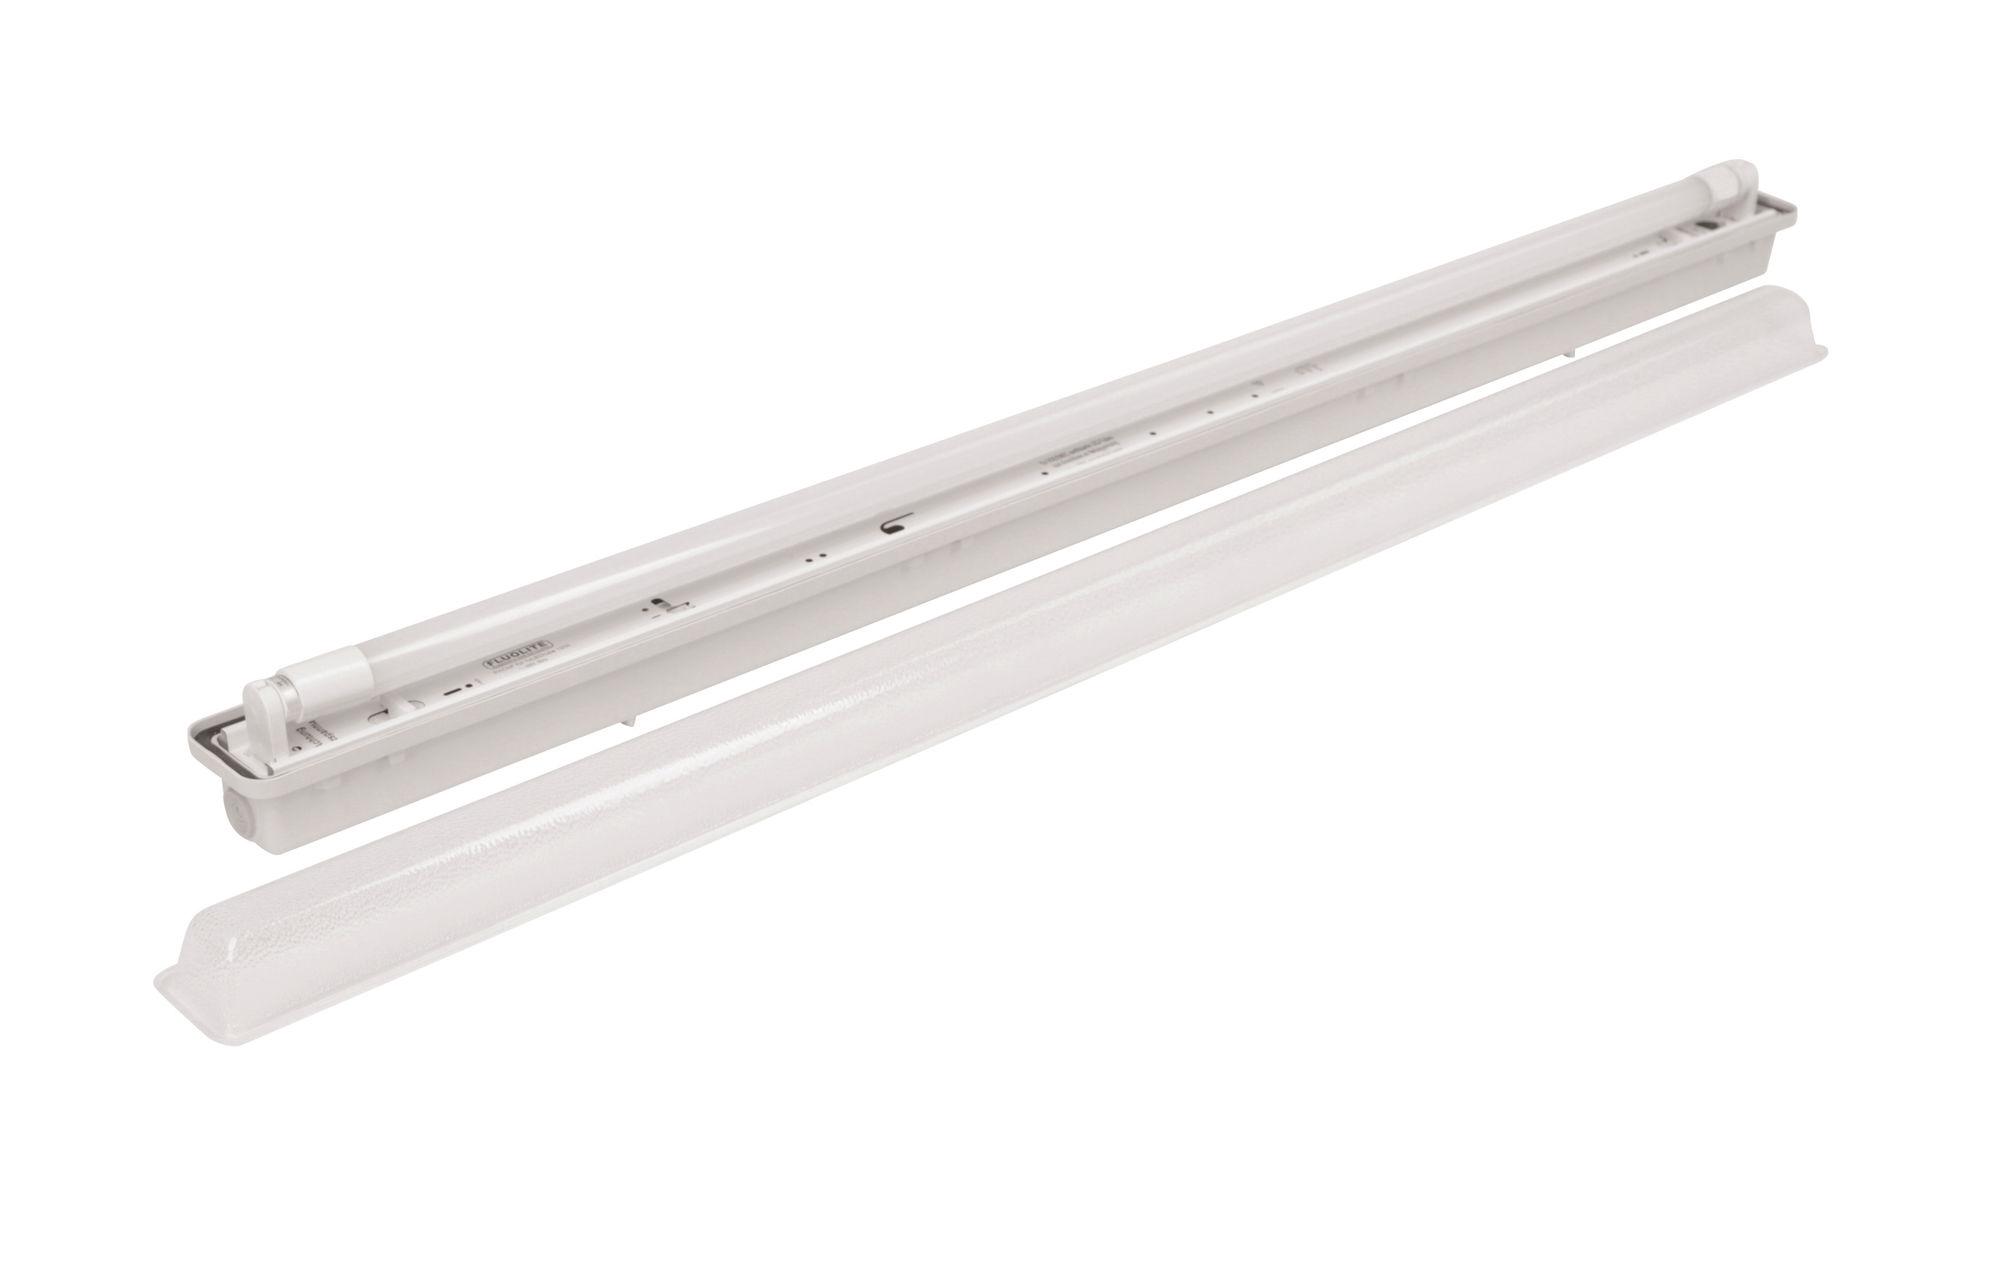 Feuchtraum-Wannenleuchte 150cm für LED-Röhren